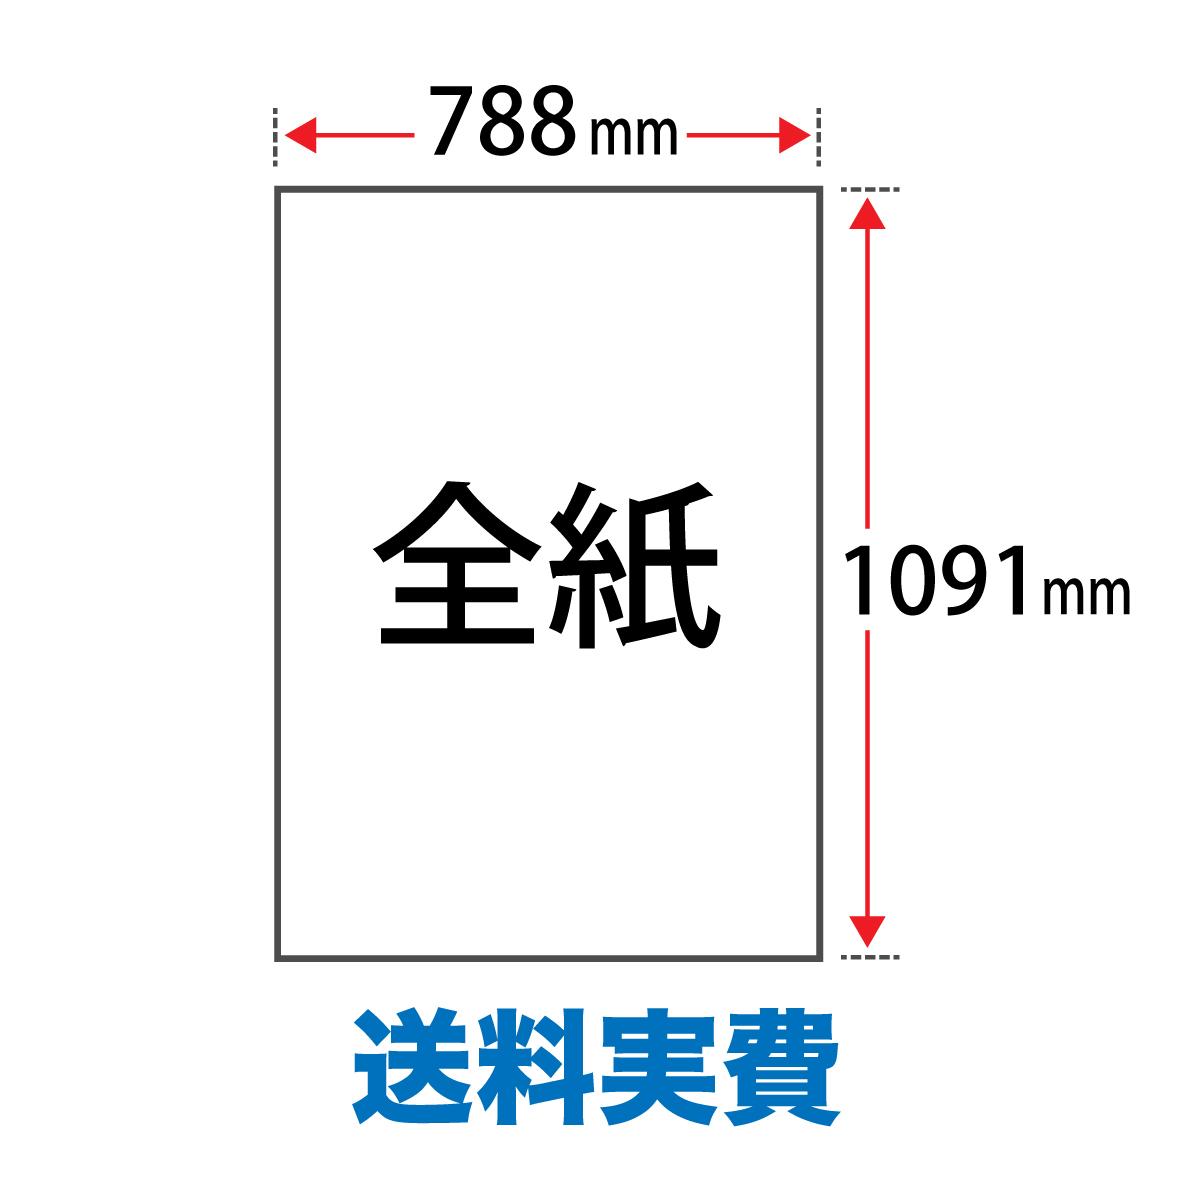 チップボール <ボール紙> 両面白 2mm 全紙 サイズ(640×940mm) 50枚 カルトナージュ 箱製作 クラフト 厚紙 保護用 アテ紙 工作 補強材 厚め ボール紙 しっかり 角折れ防止 台紙 仕切り 板紙